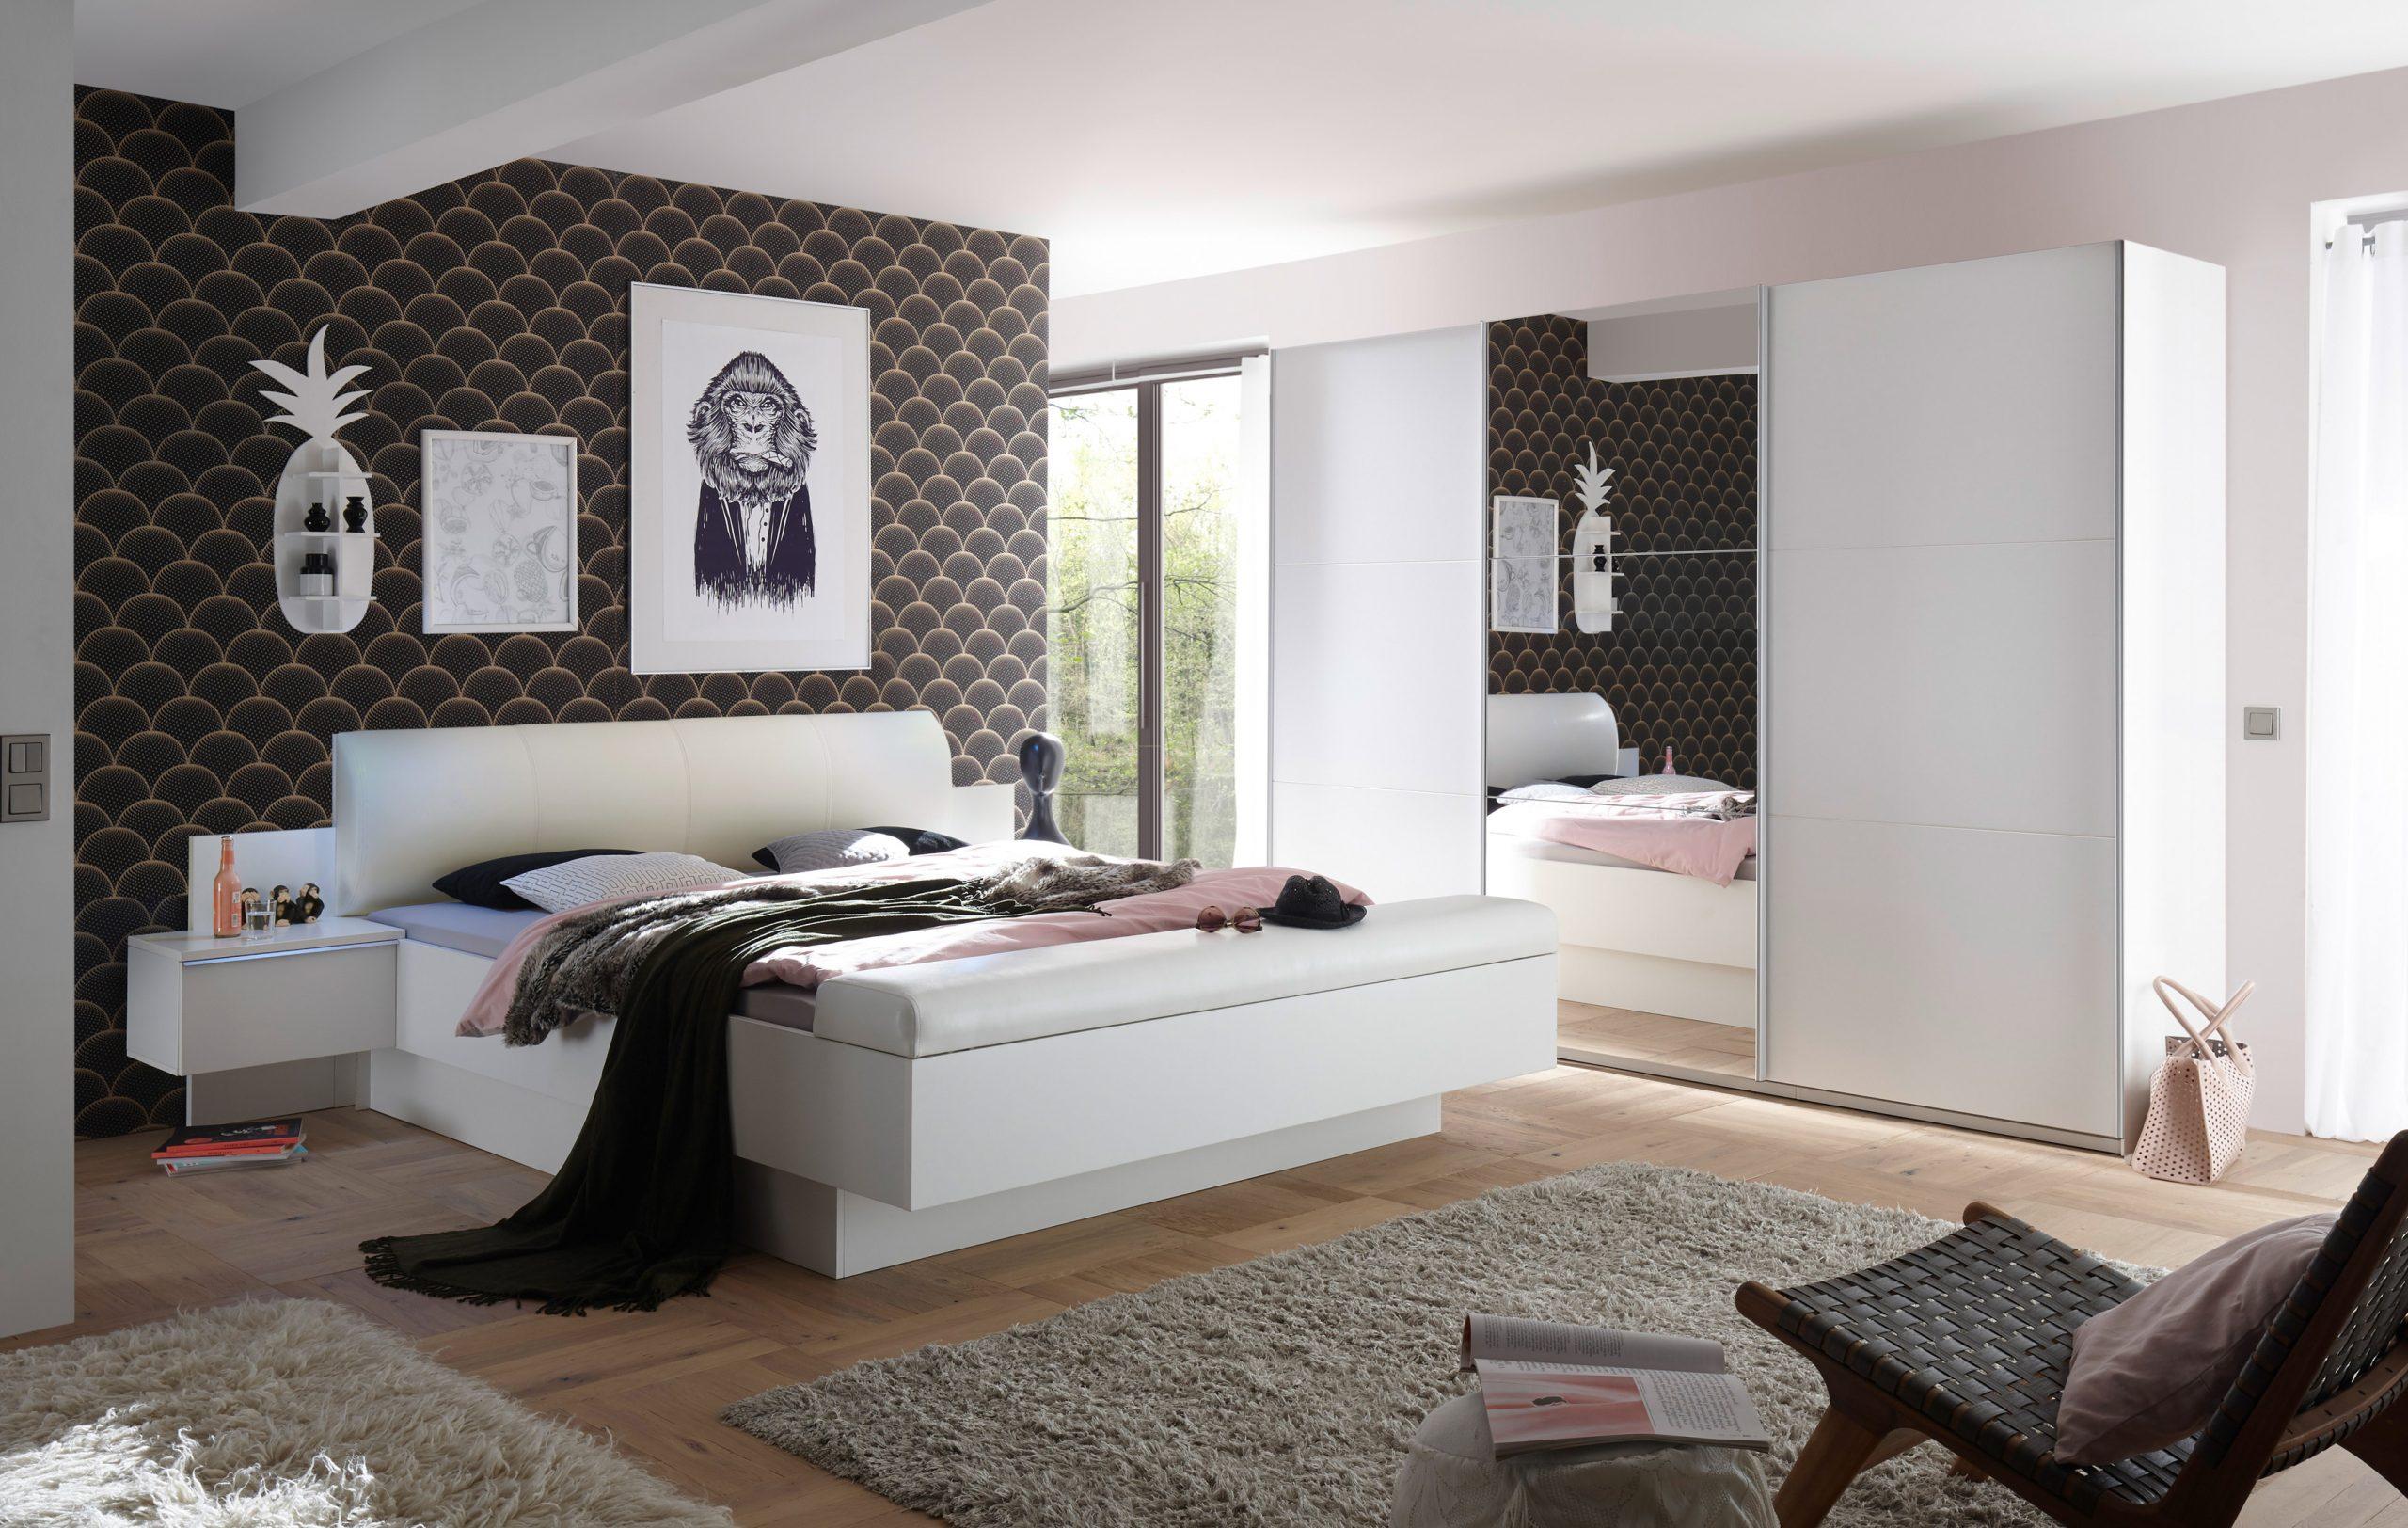 Full Size of Bett Schrank 160x200 Sofa Kombination Schrankbett 180x200 Mit Amazon Zwei Betten Kombi Ikea Und Kombiniert Schreibtisch Gebraucht 140 X 200 Schlafzimmer Bett Bett Schrank